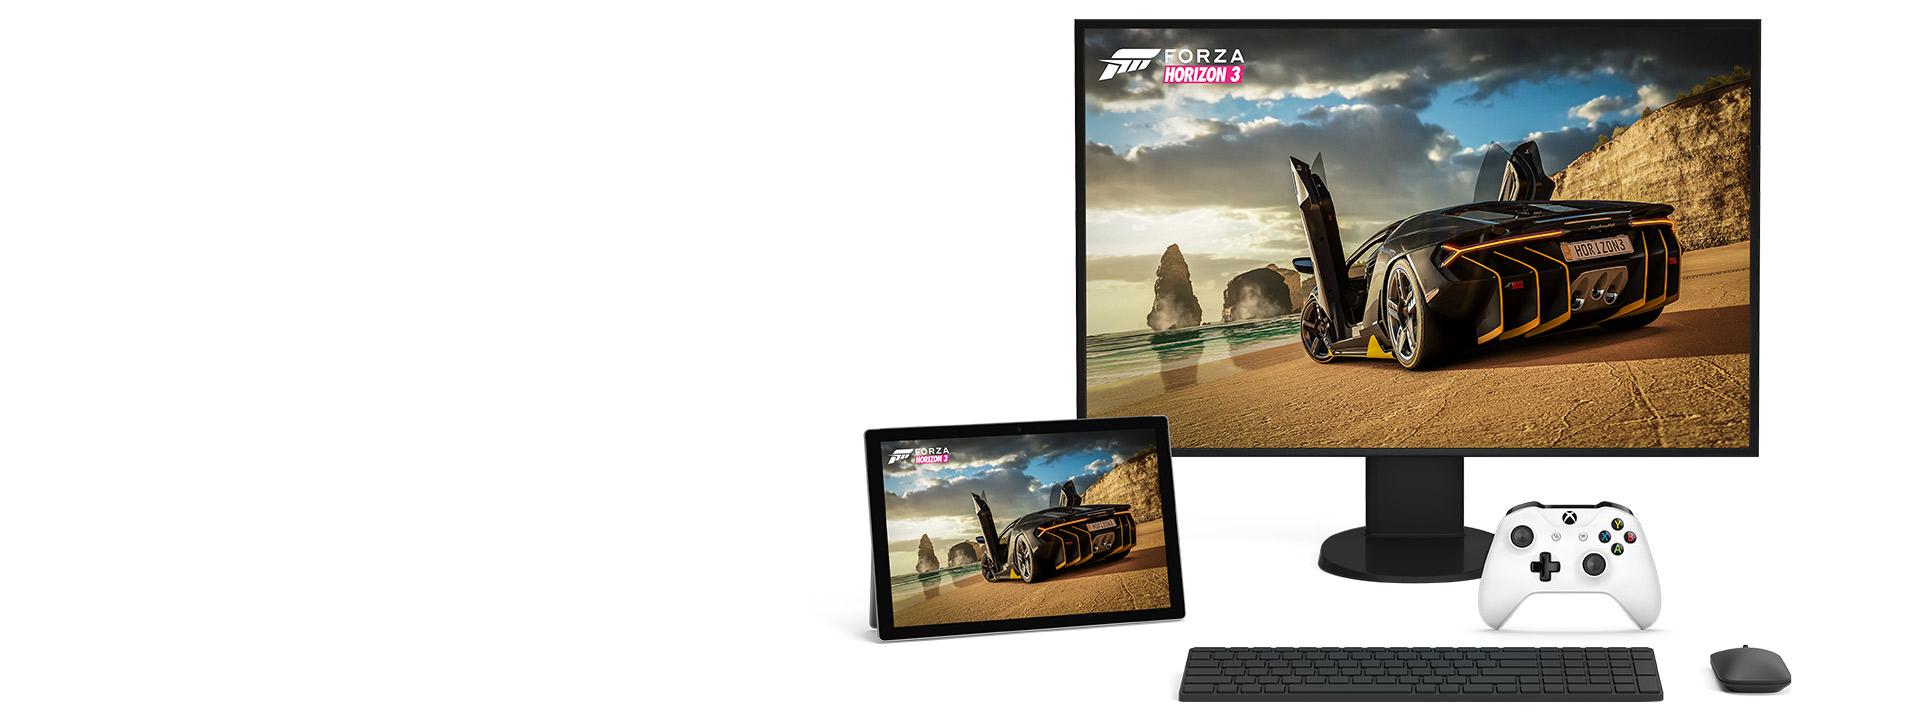 正在玩 Xbox 游戏《极限竞速:地平线 3》的 Microsoft Windows 10 PC 和平板电脑